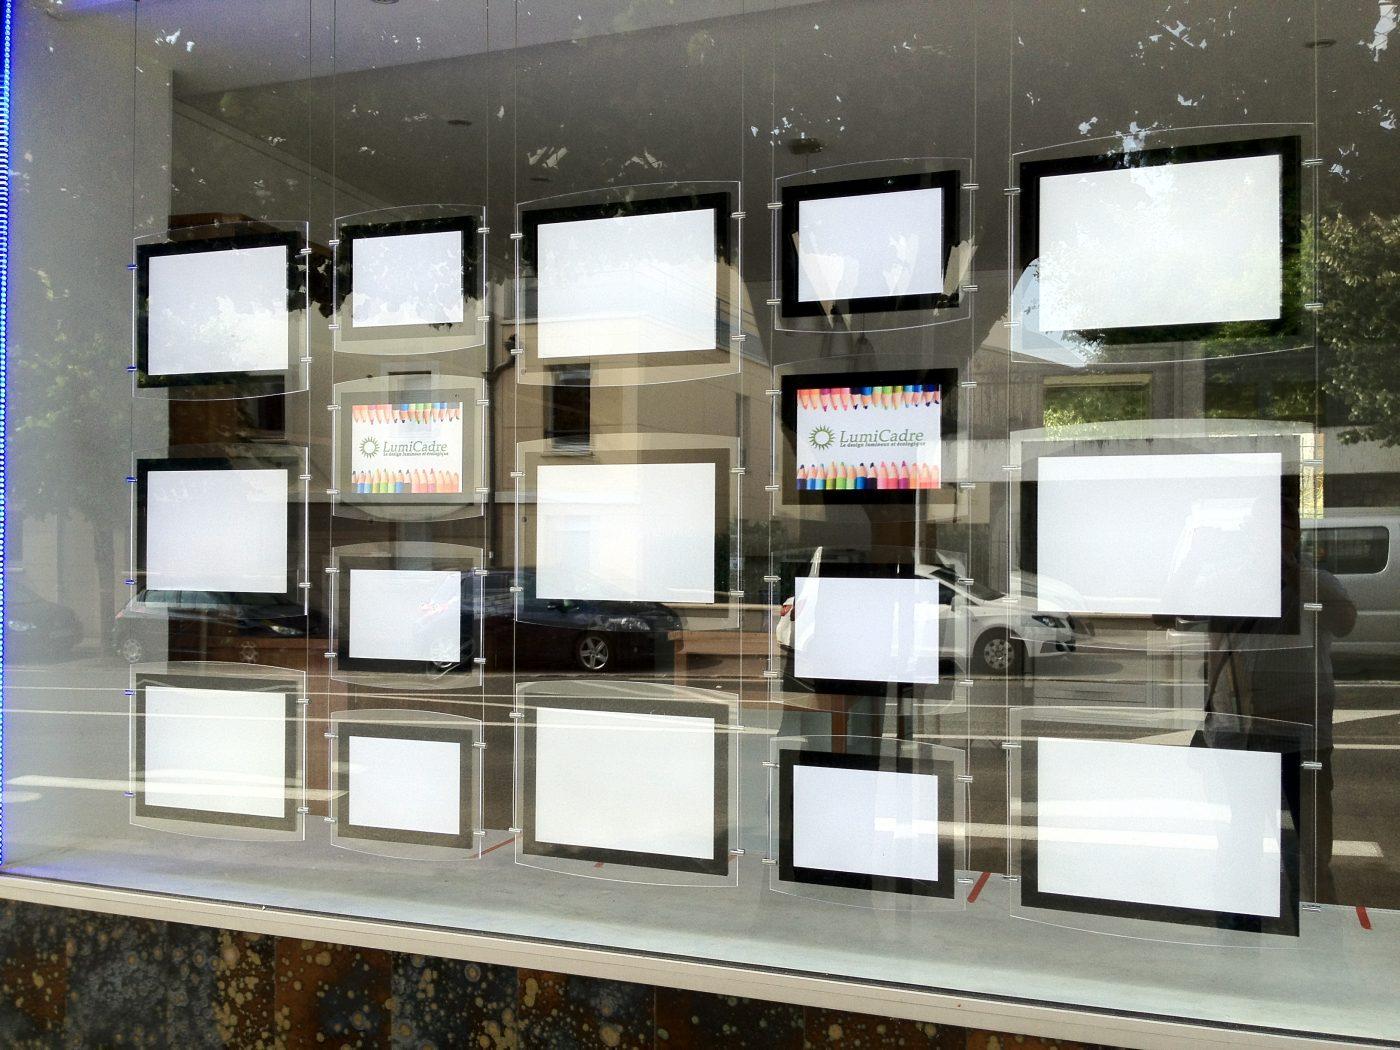 Porte affiche lumineux a4 et a3 porte affiche led - Porter plainte contre agence immobiliere ...